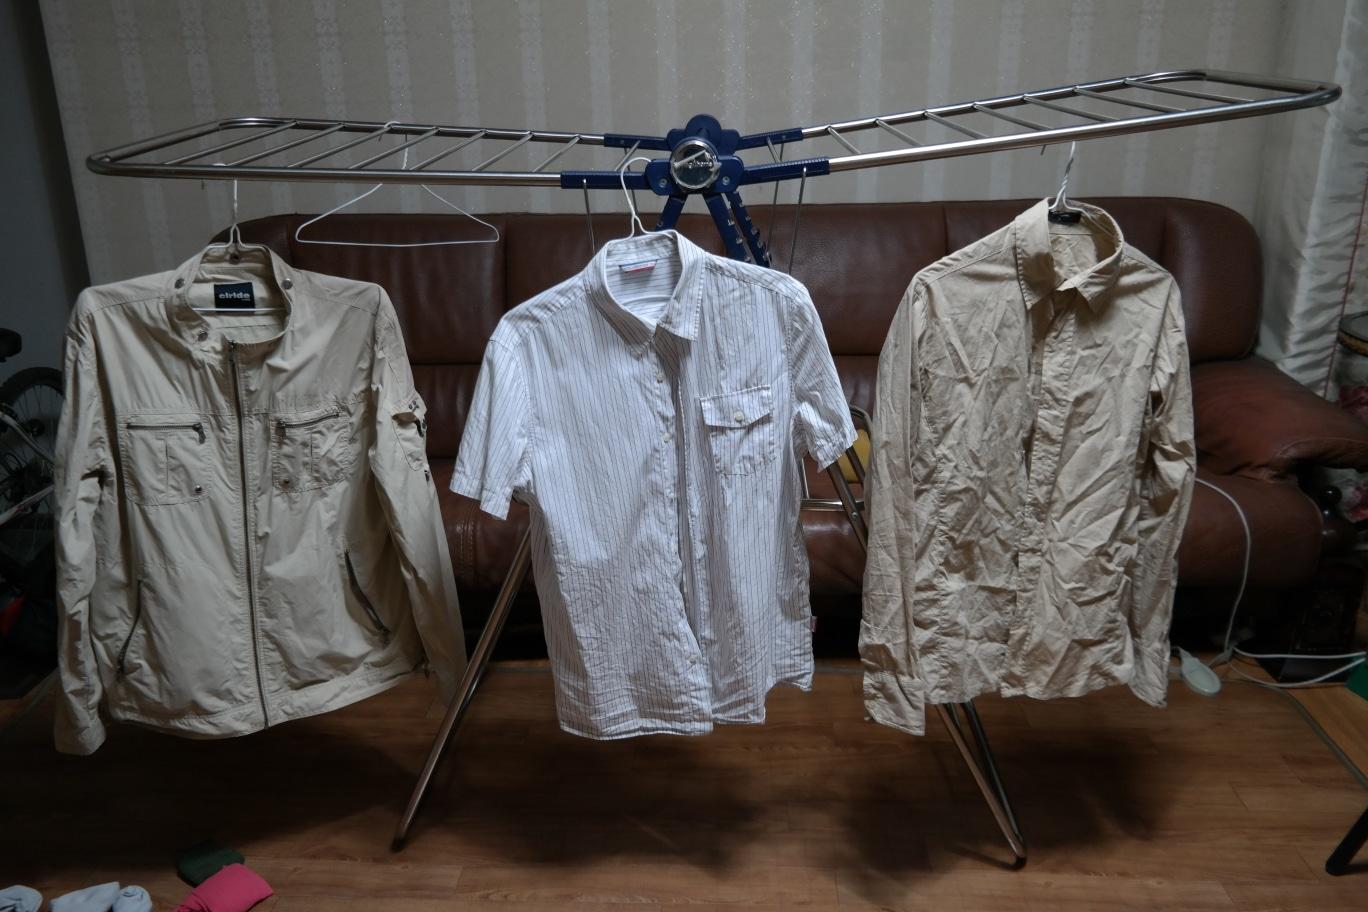 [중고 옷 처분] 20대 남성 - 와이셔츠, 니트, 봄/가을 자켓, 라운드 넥 티셔츠